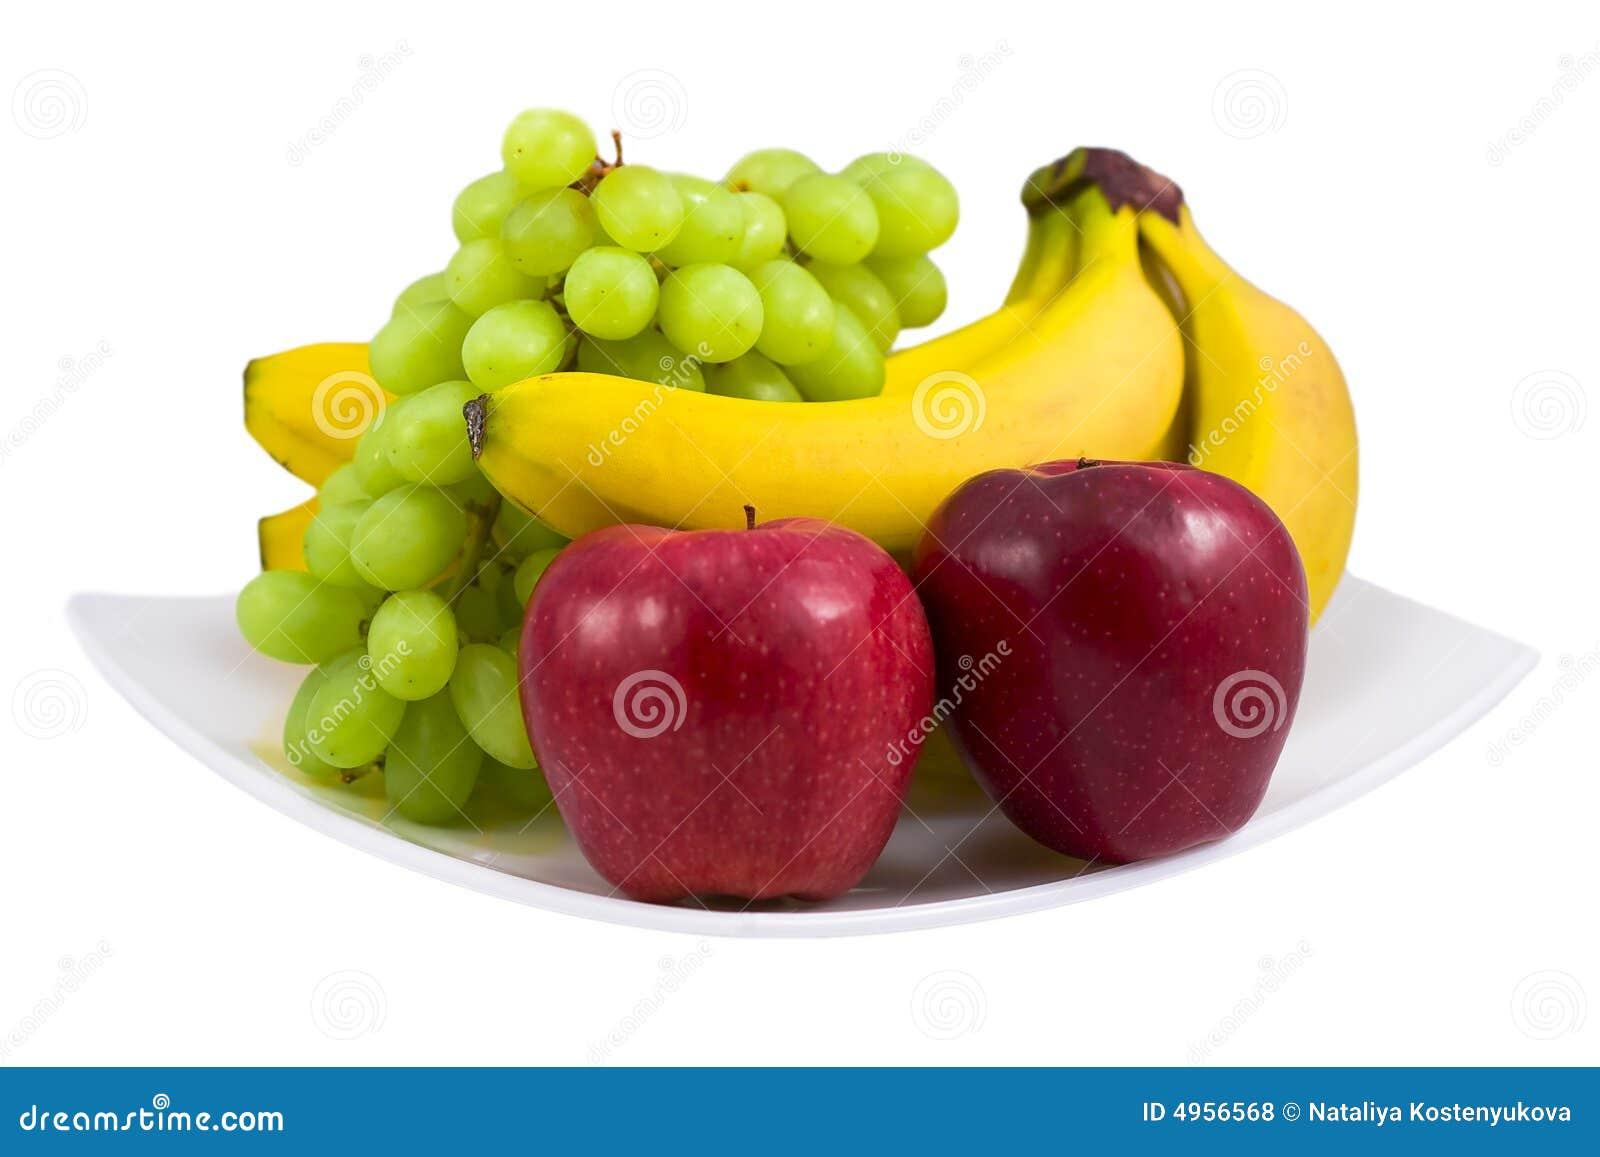 Sweet Food When Dieting